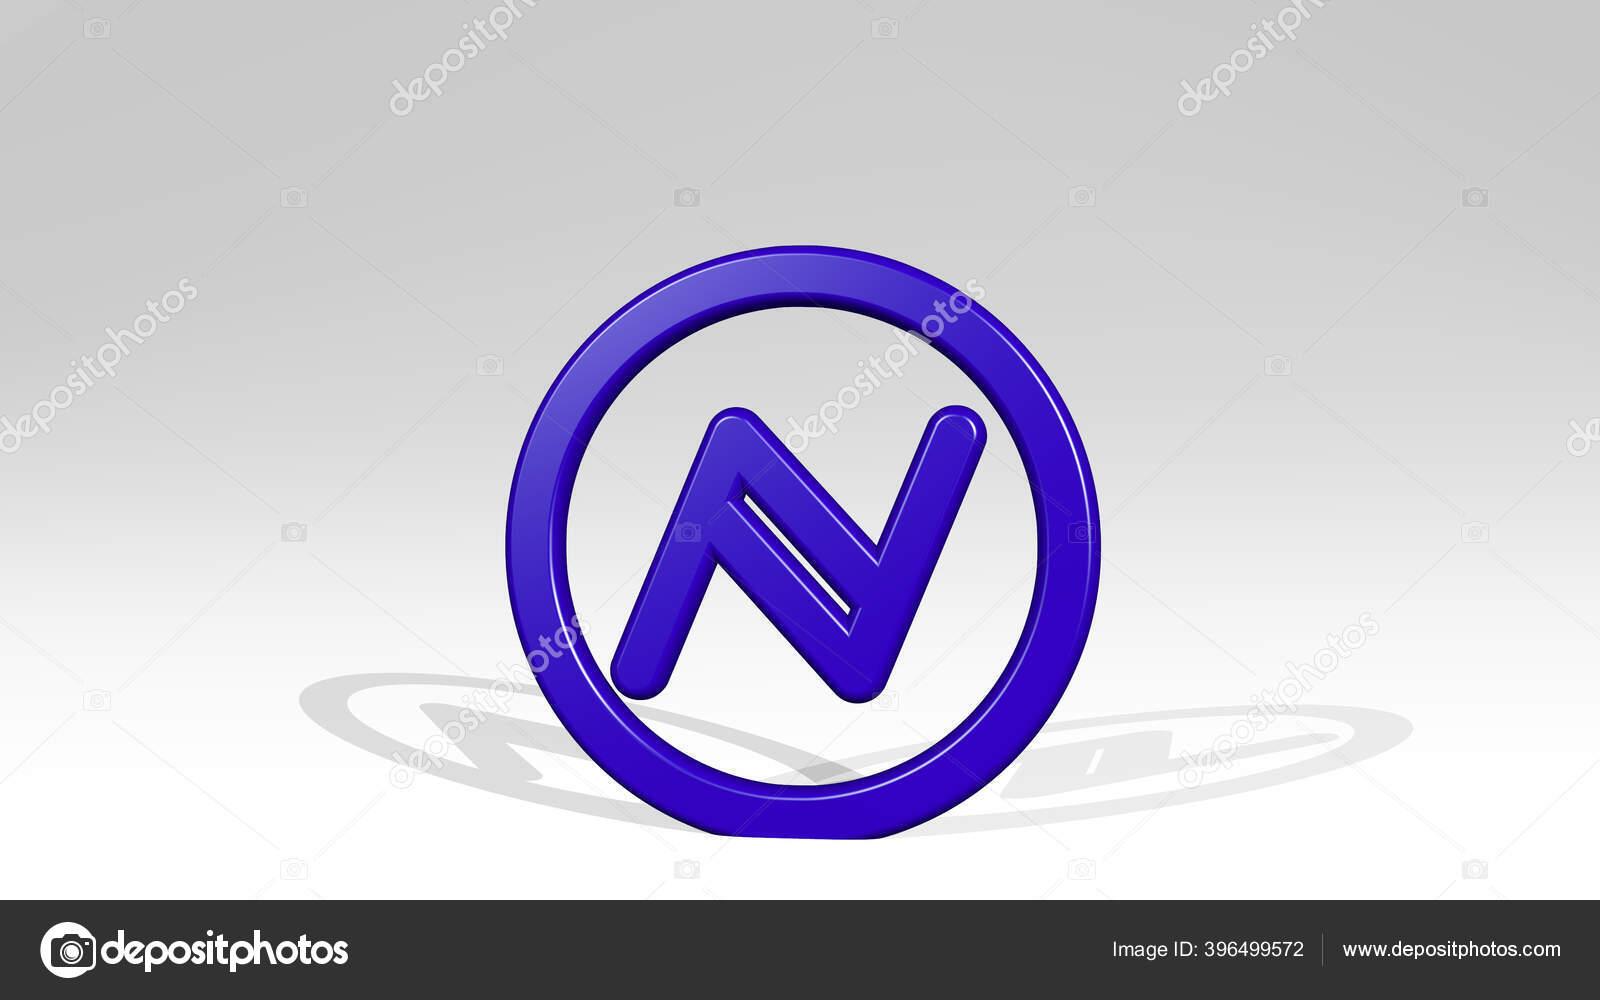 Namecoin (NMC) - Una criptovaluta supportata da Satoshi Nakamoto